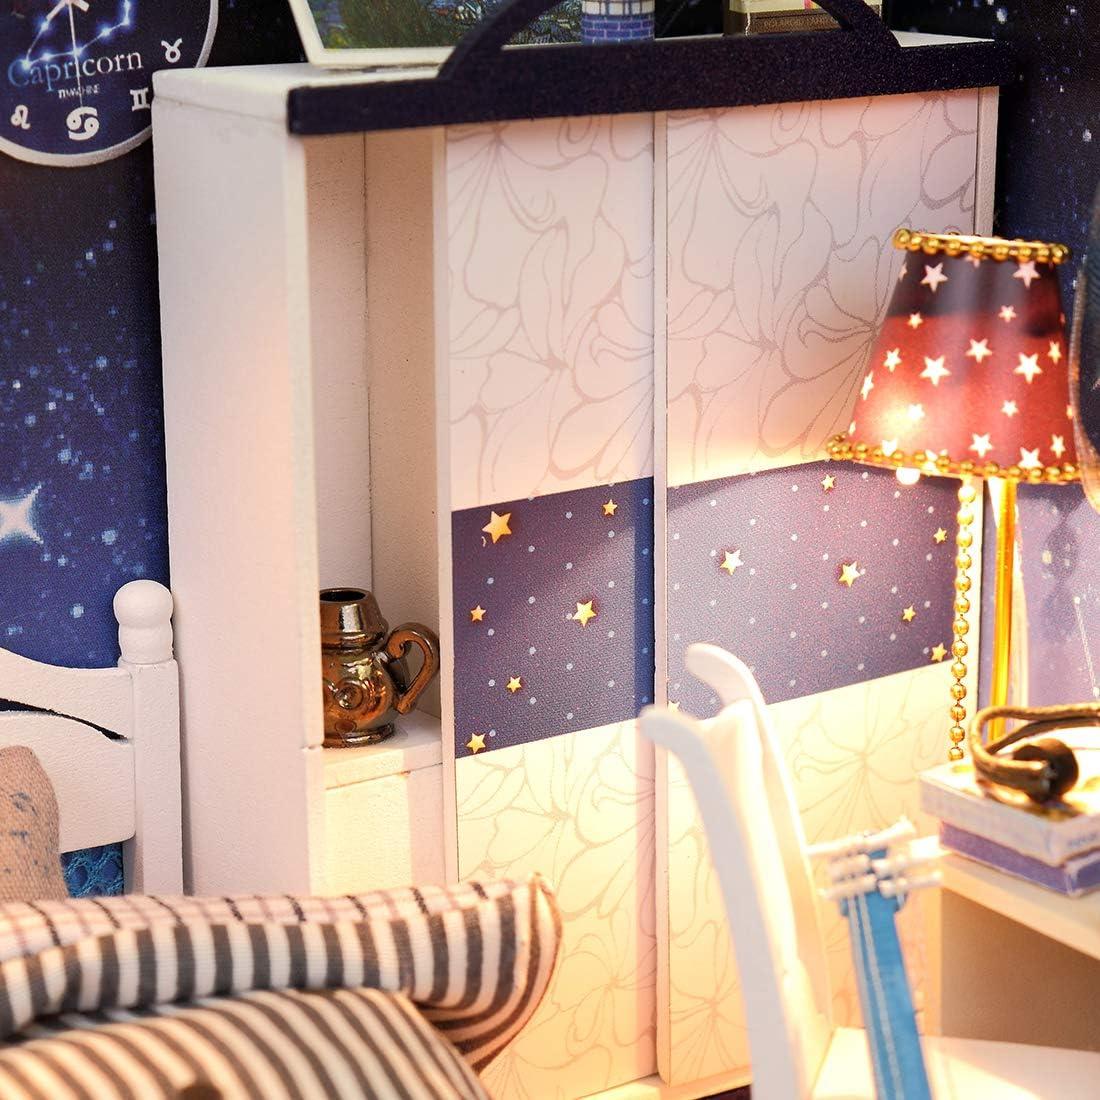 OVERWELL DIY Puppenhaus Kits Modell Musik und Staubdichte Abdeckung Puppenhaus Miniatur Puppenh/äuse M/öbeln DIY Dollhouse Kinder Geschenk mit Led Licht